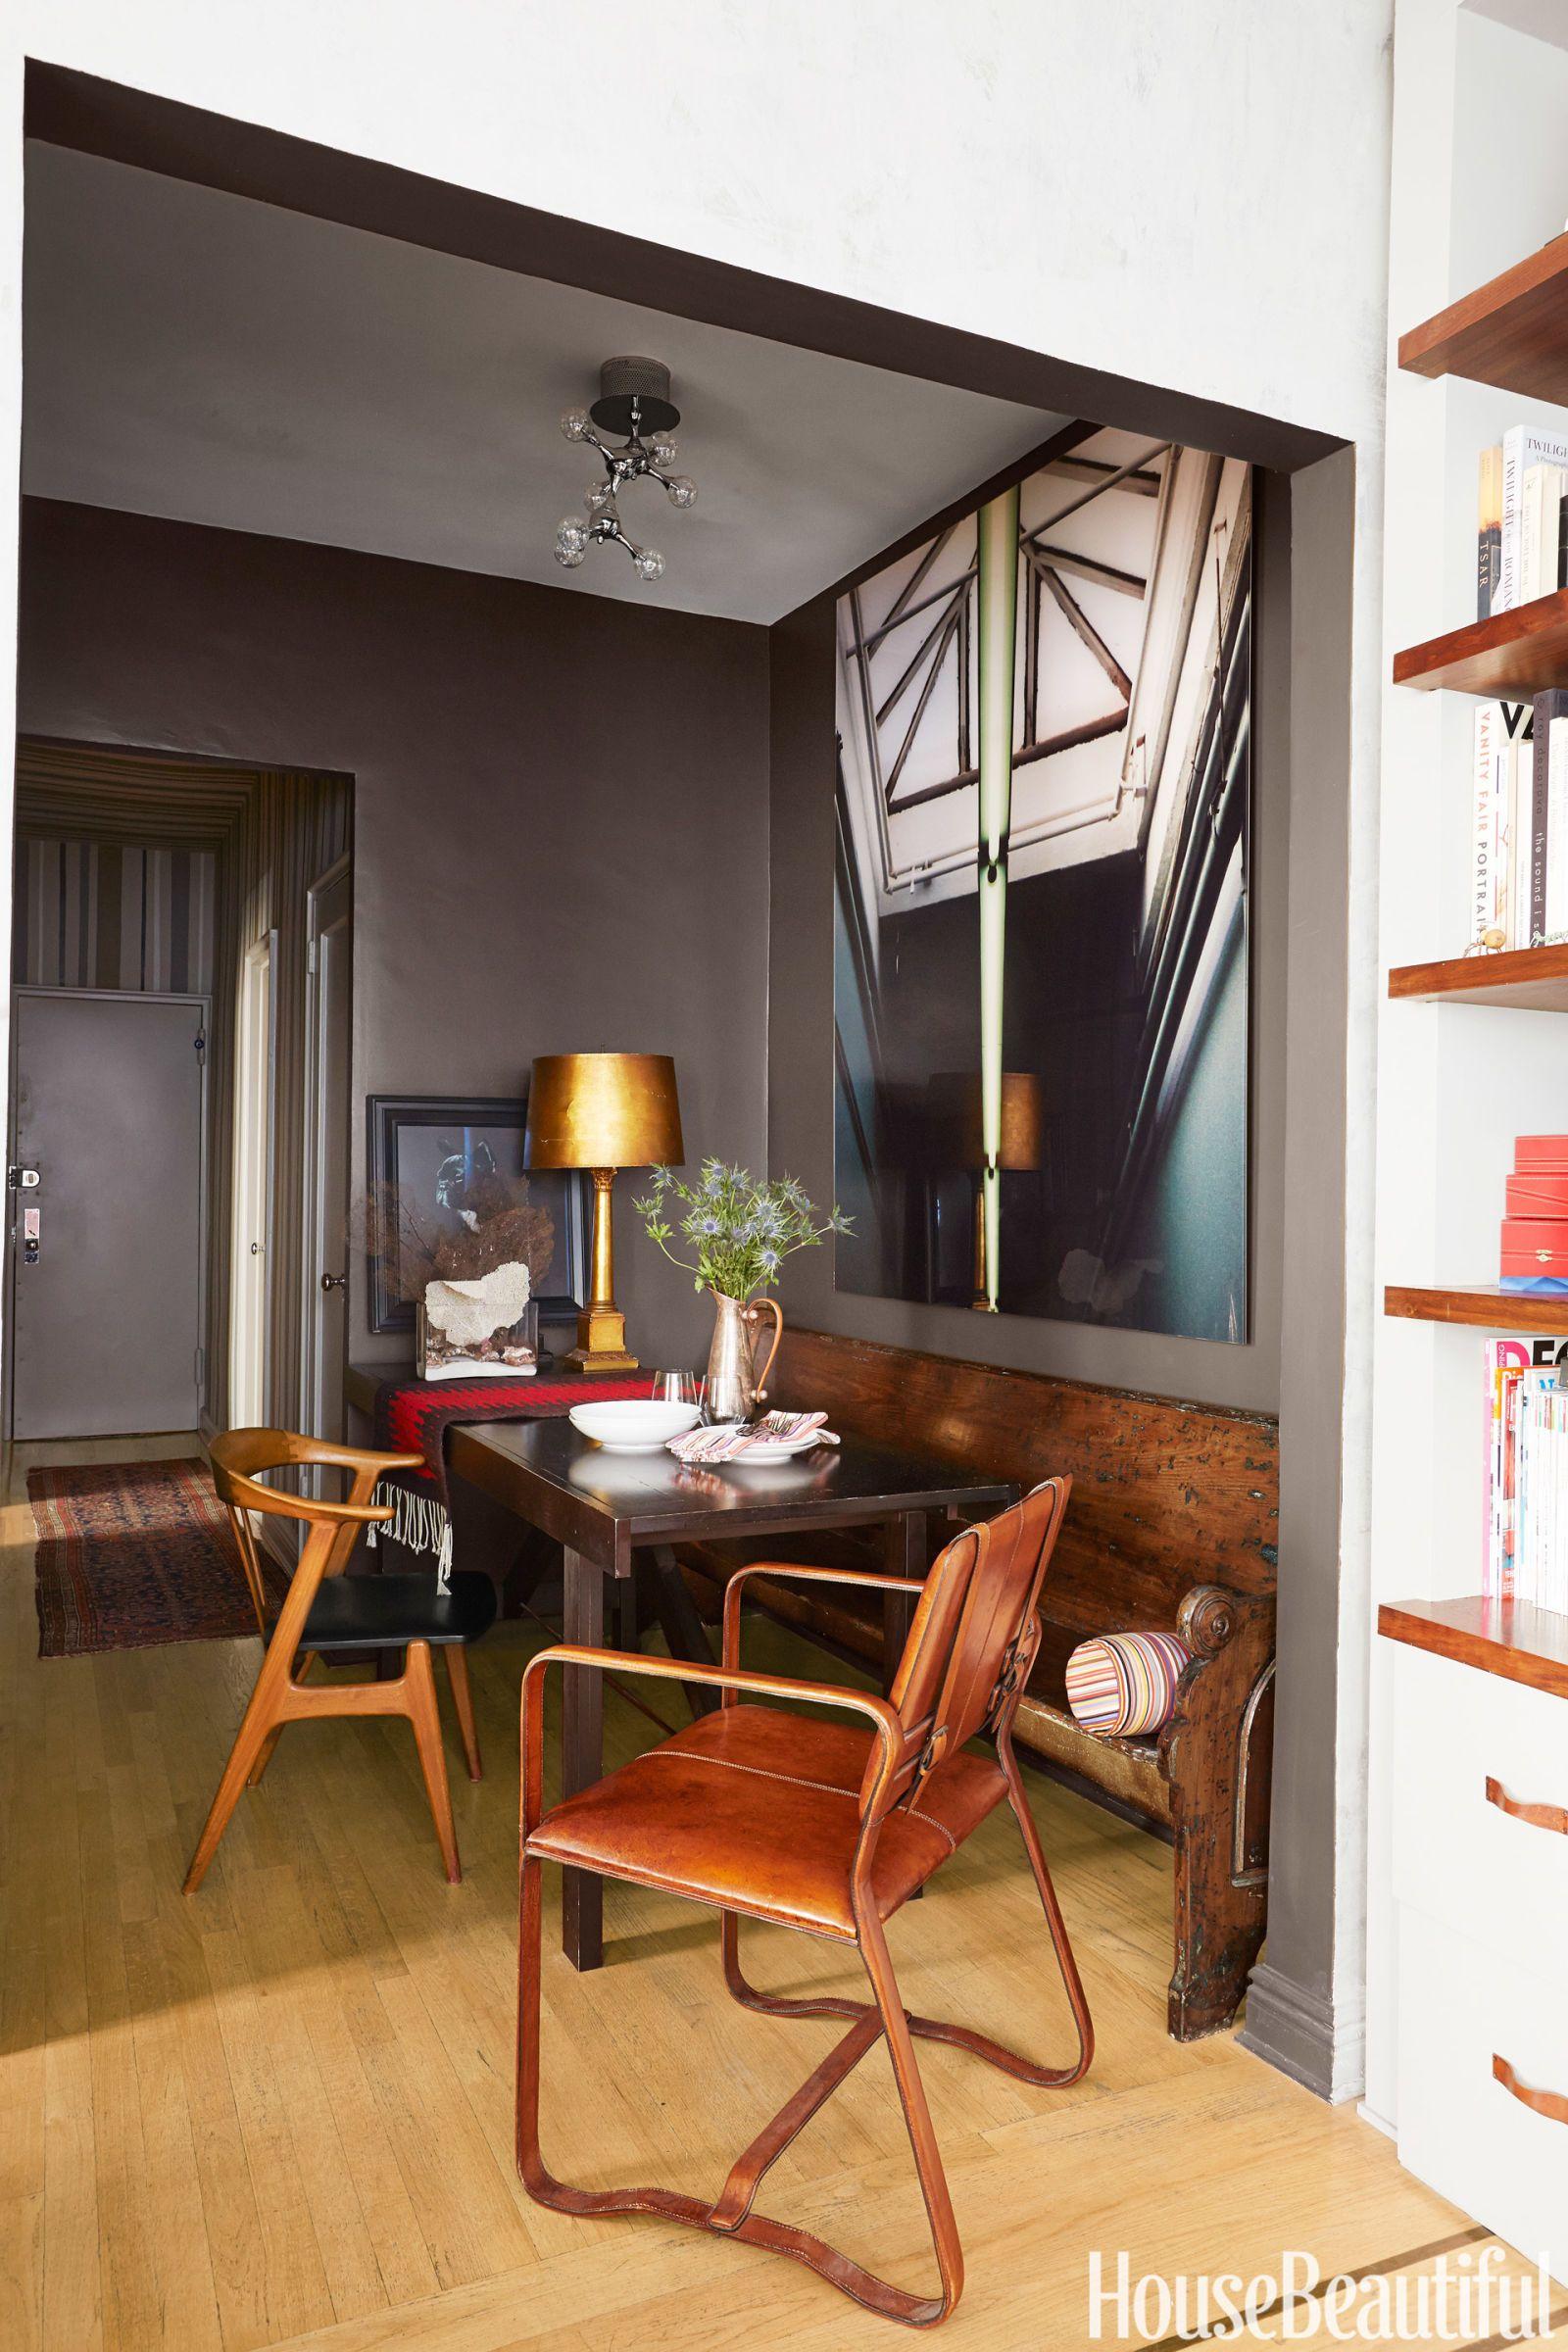 Designing a 700-Square-Foot Manhattan Apartment